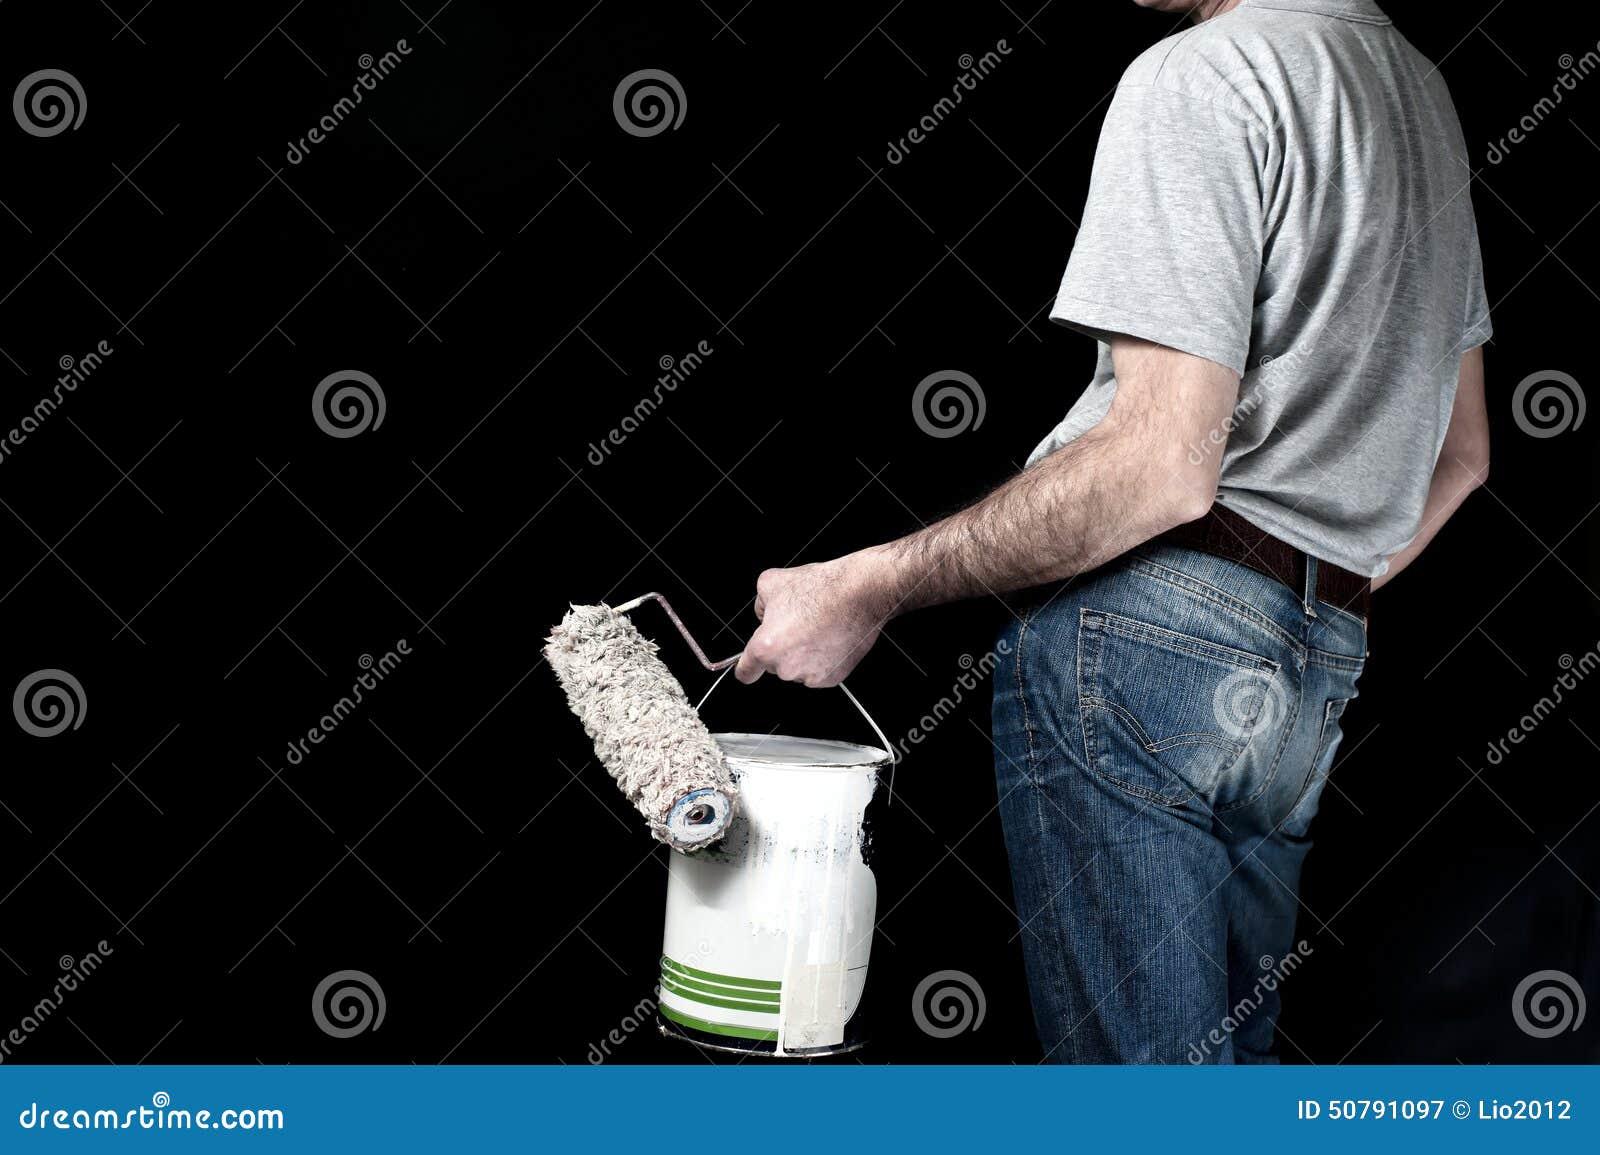 Sirva sostener el rodillo de pintura y un cubo de pintura